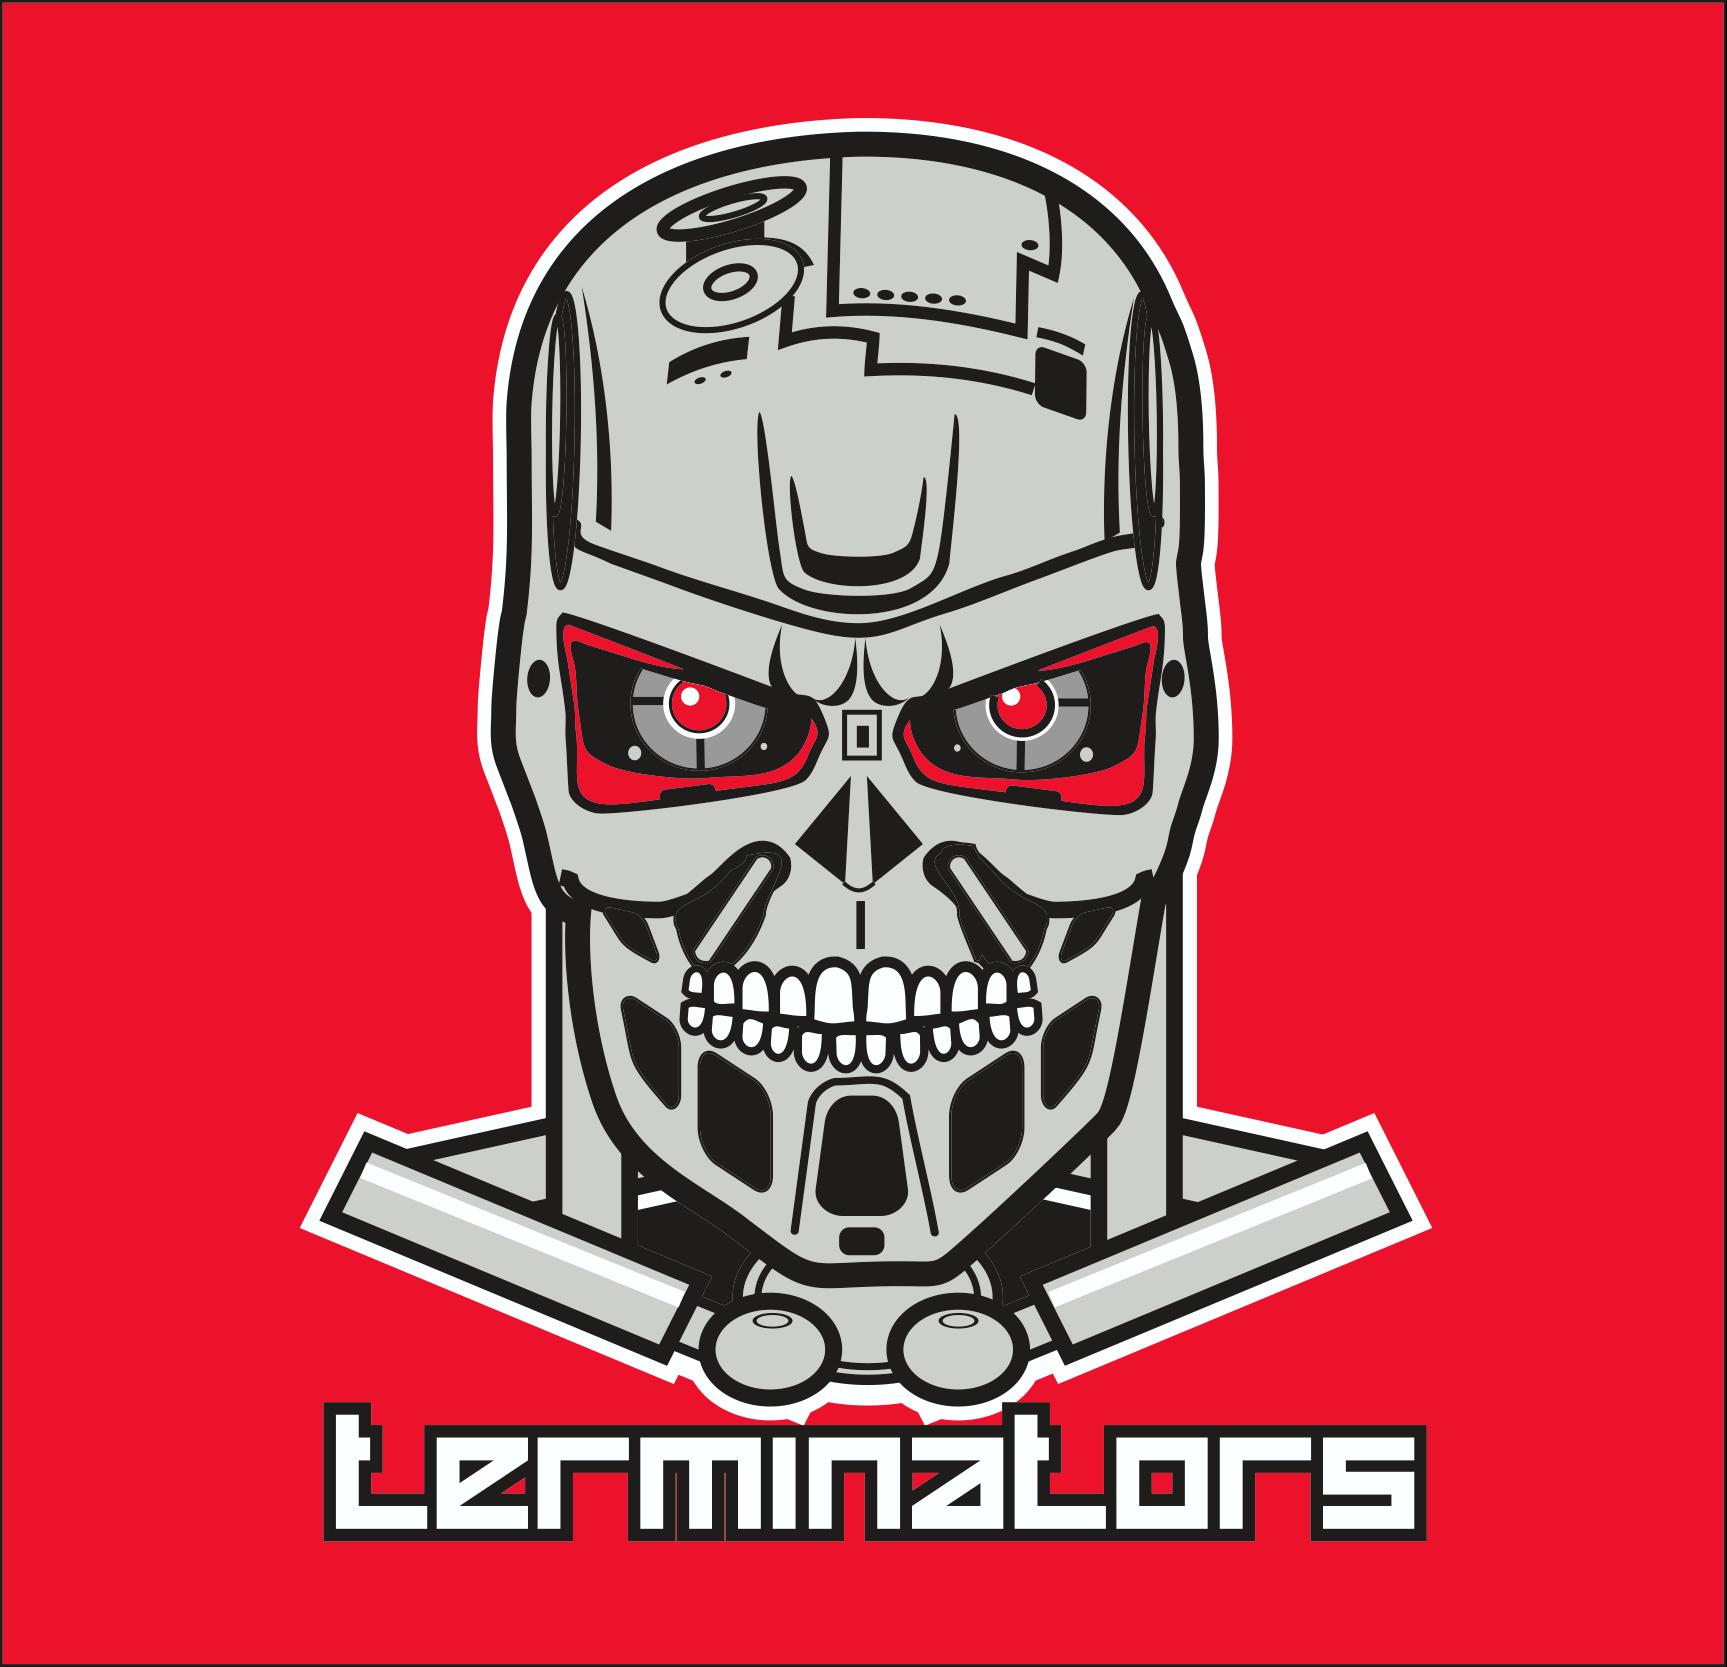 terminators.png